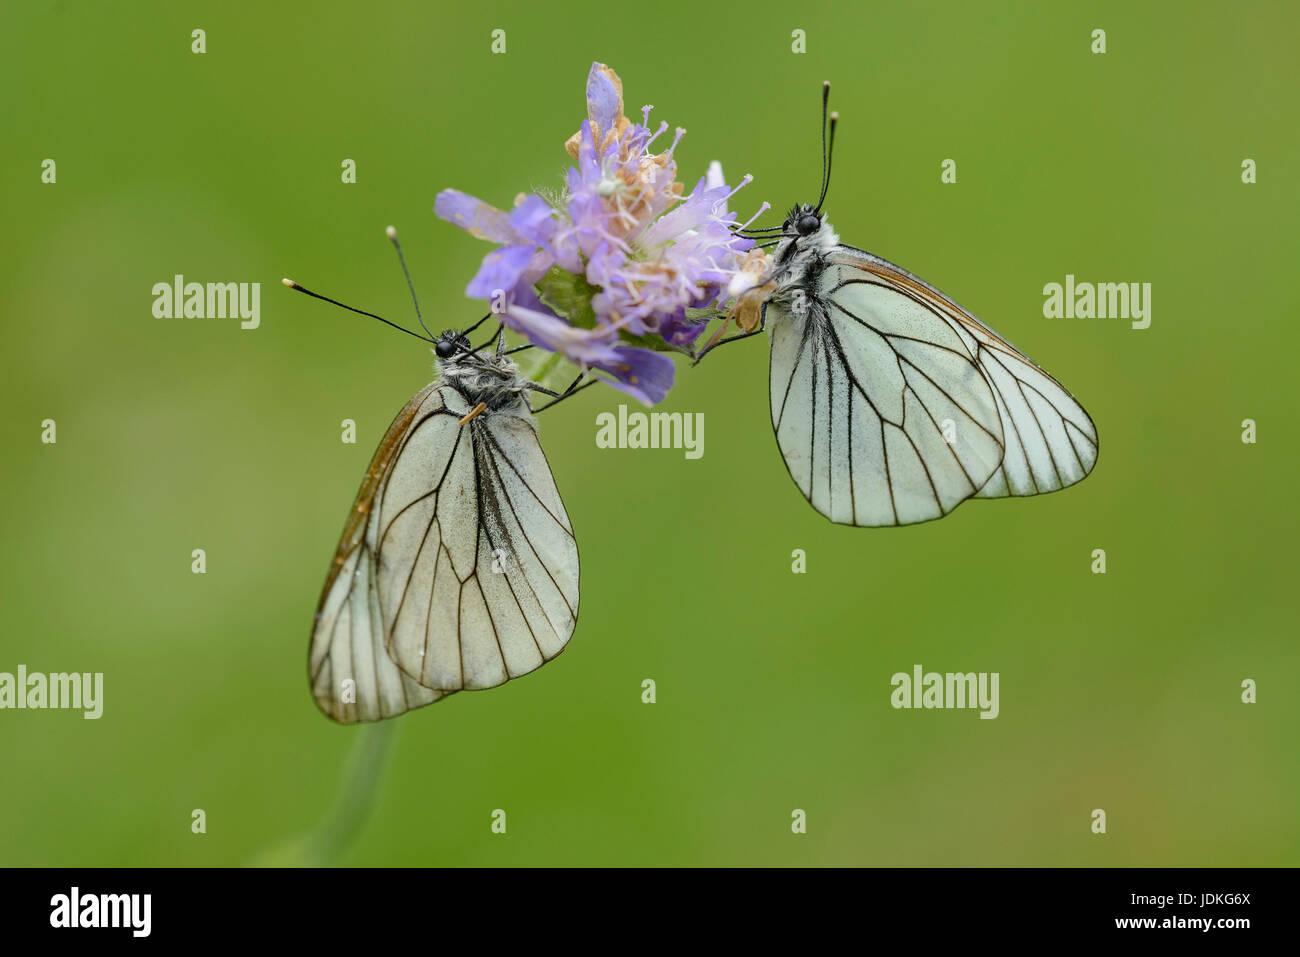 Two Baum-Wei?linge sit in a blossom, Zwei Baum-Weißlinge sitzen an einer Blüte - Stock Image